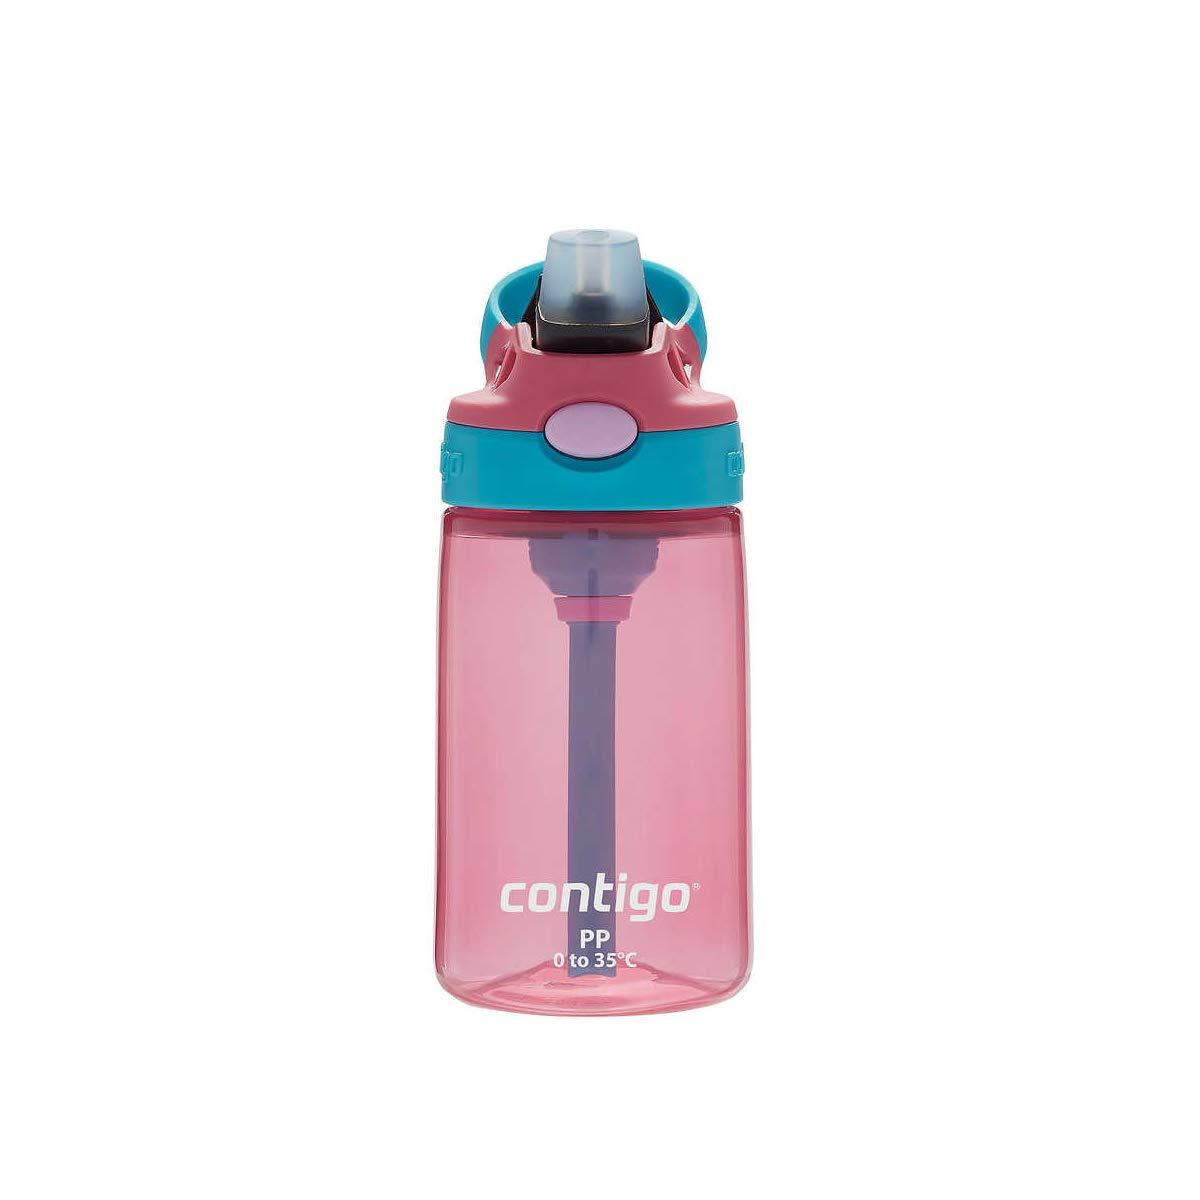 Contigo Kids Autospout Gizmo Water Bottles, 14oz (Cherry Blossom, 1 Pack)